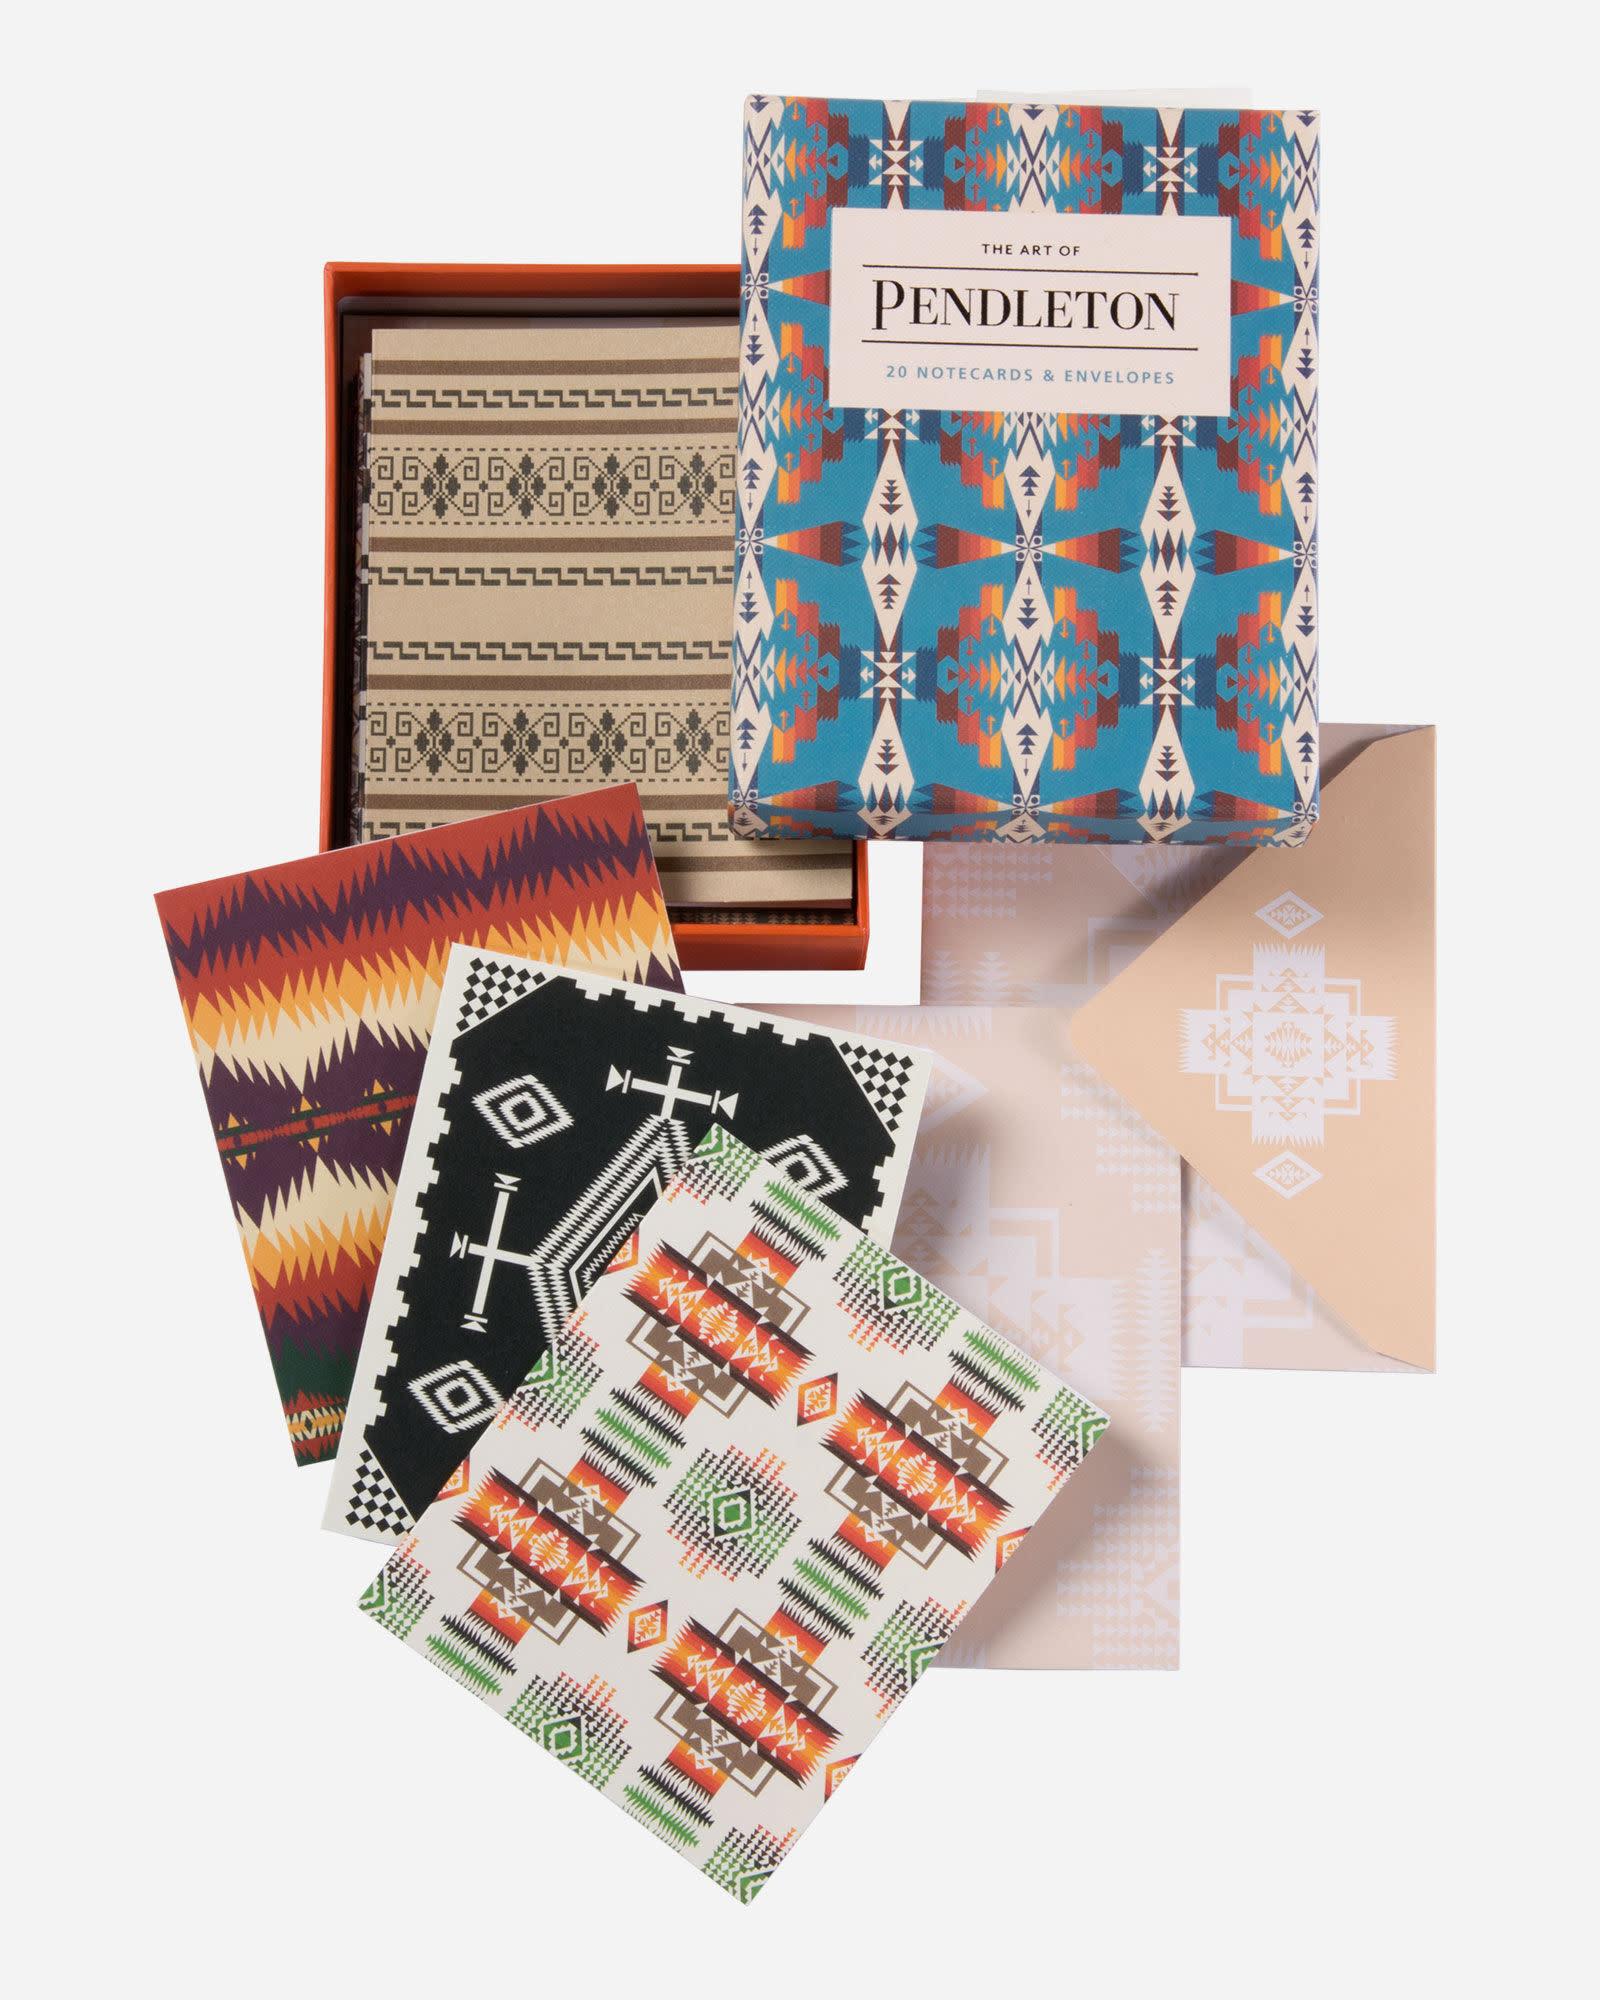 Pendleton Art of Pendleton Notes: 20 Notecards & Envelopes